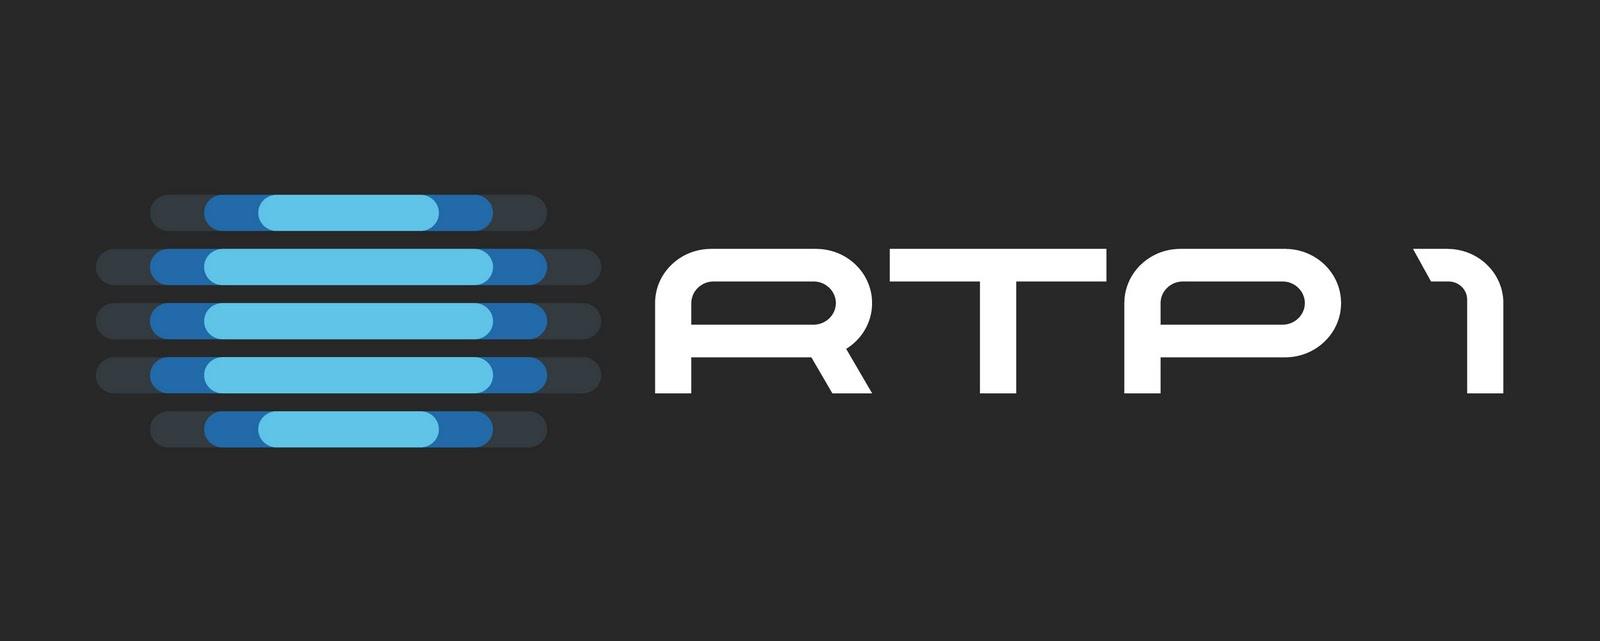 Rtp 3 Online